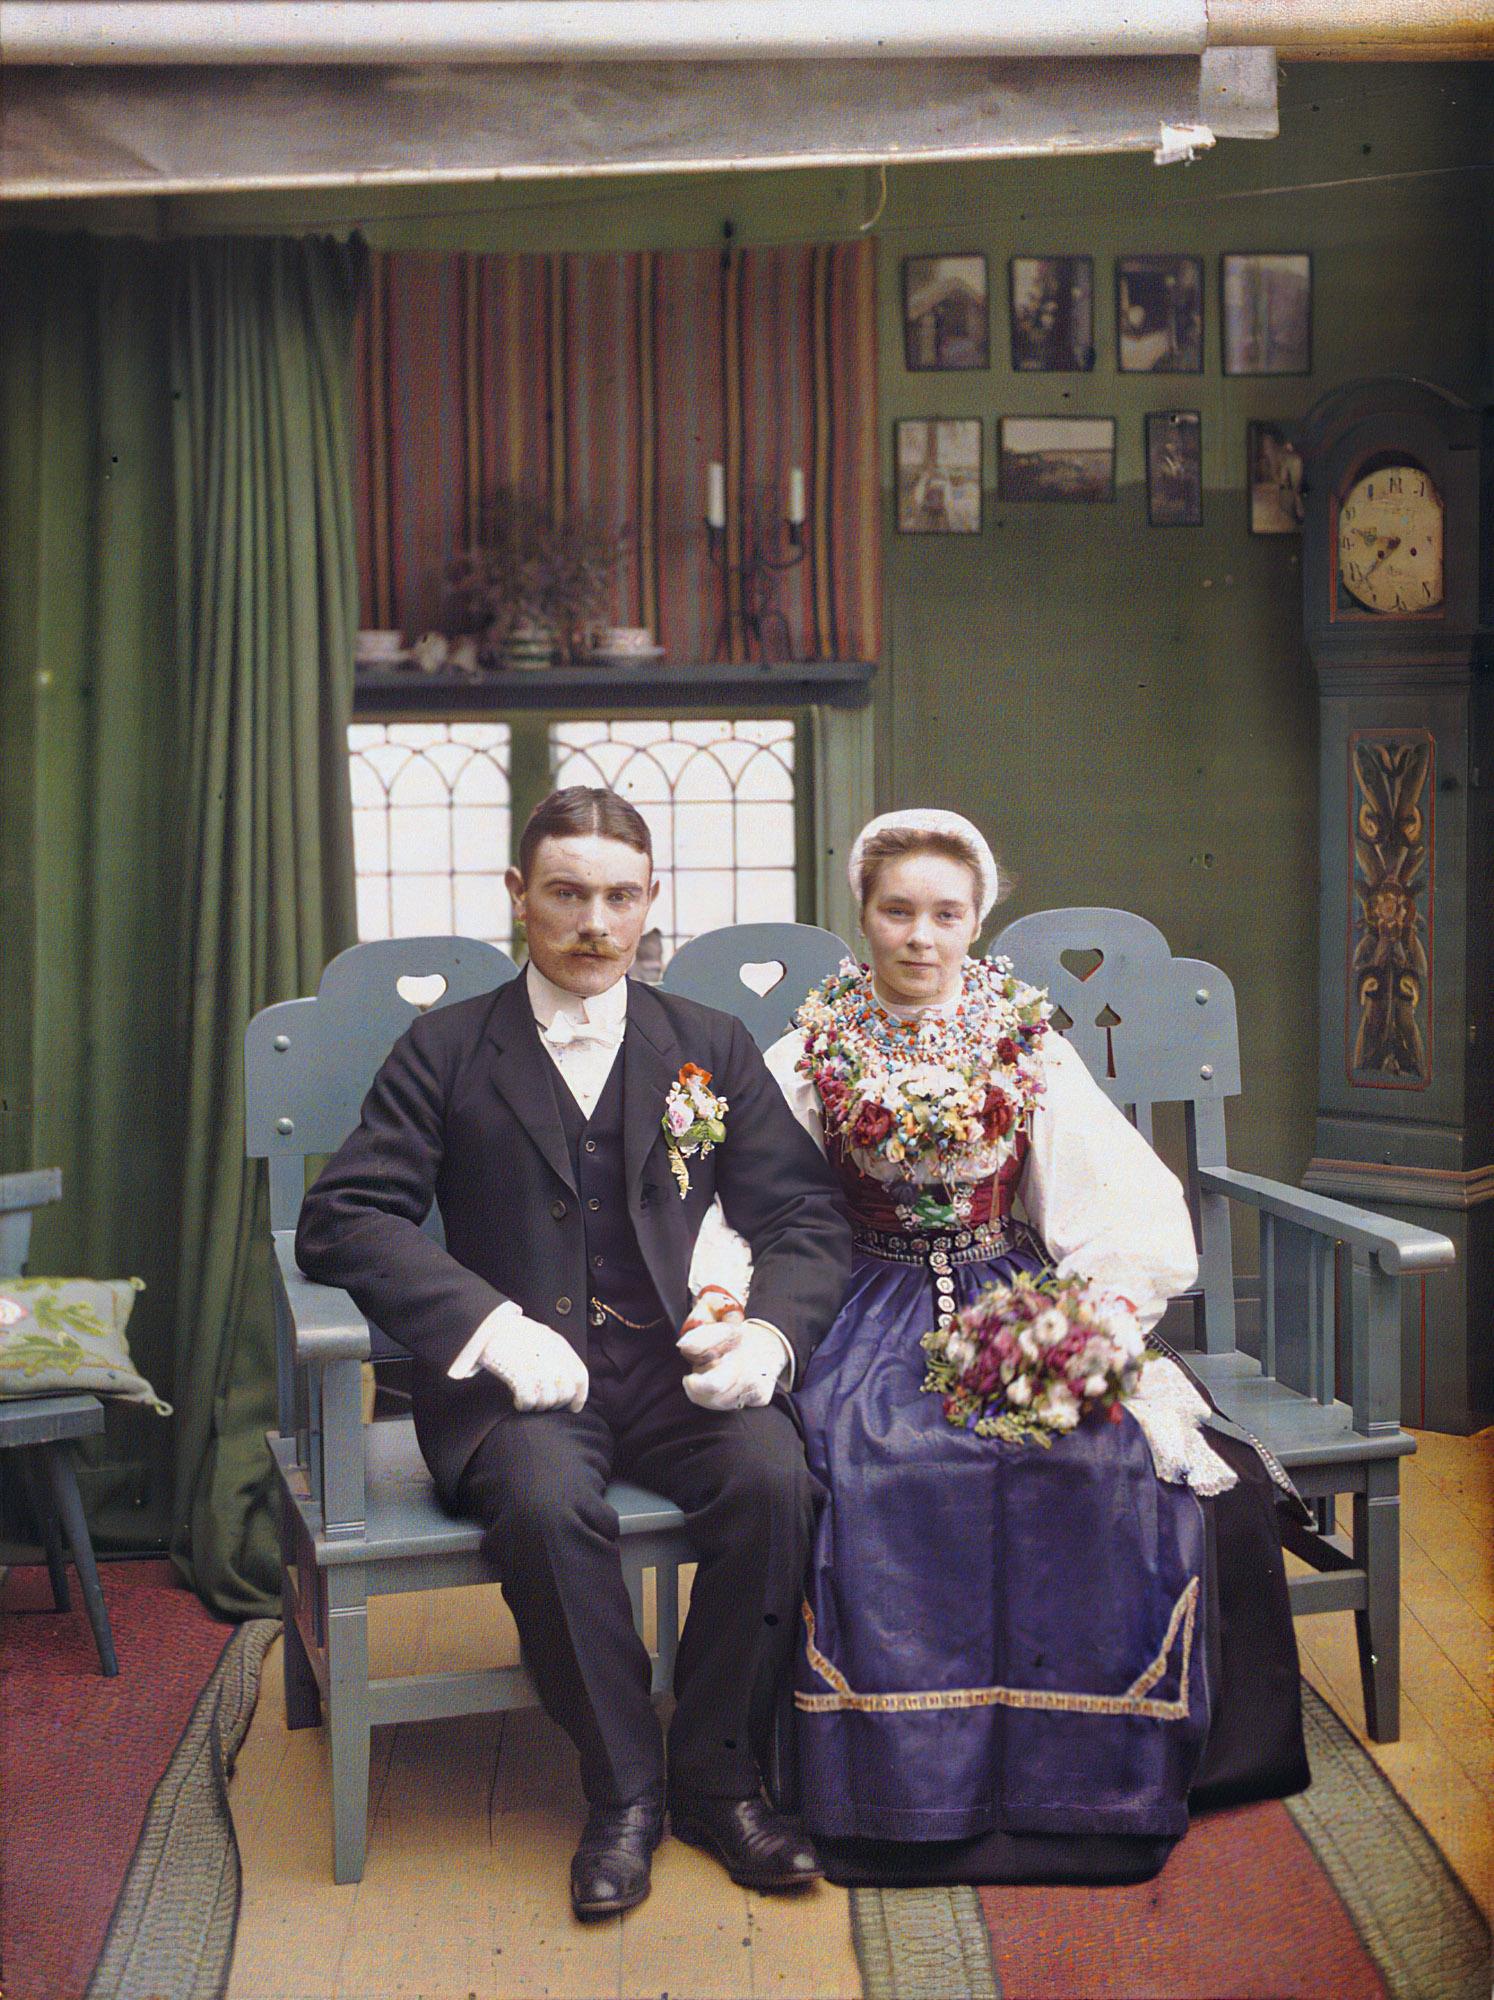 1910 28 августа  Молодожены в фотостудии Karinberget Laksund, Швеция, Auguste Leon